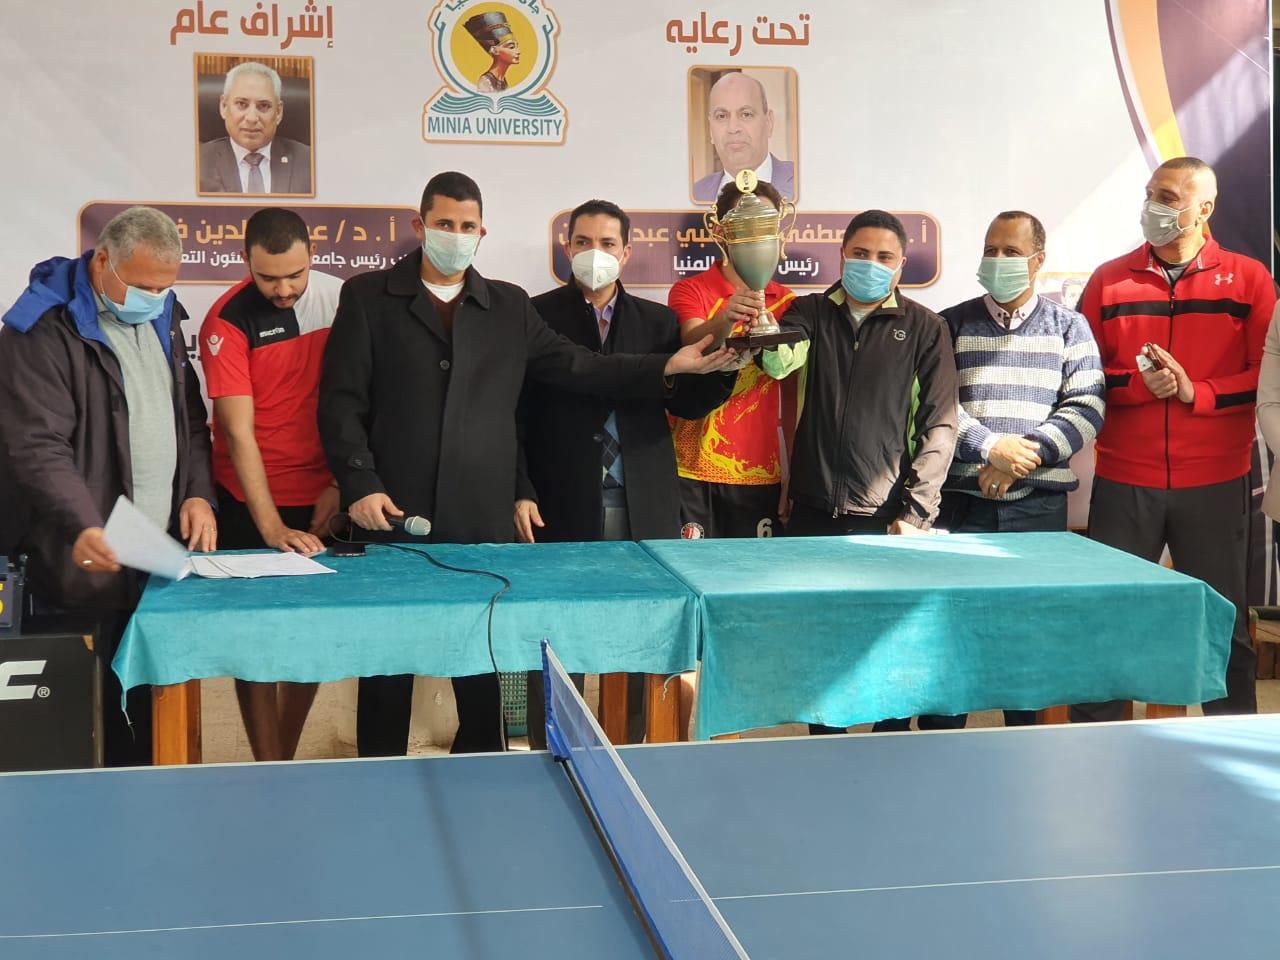 20 كلية بجامعة المنيا يتنافسون في دوري الجامعة الرياضي